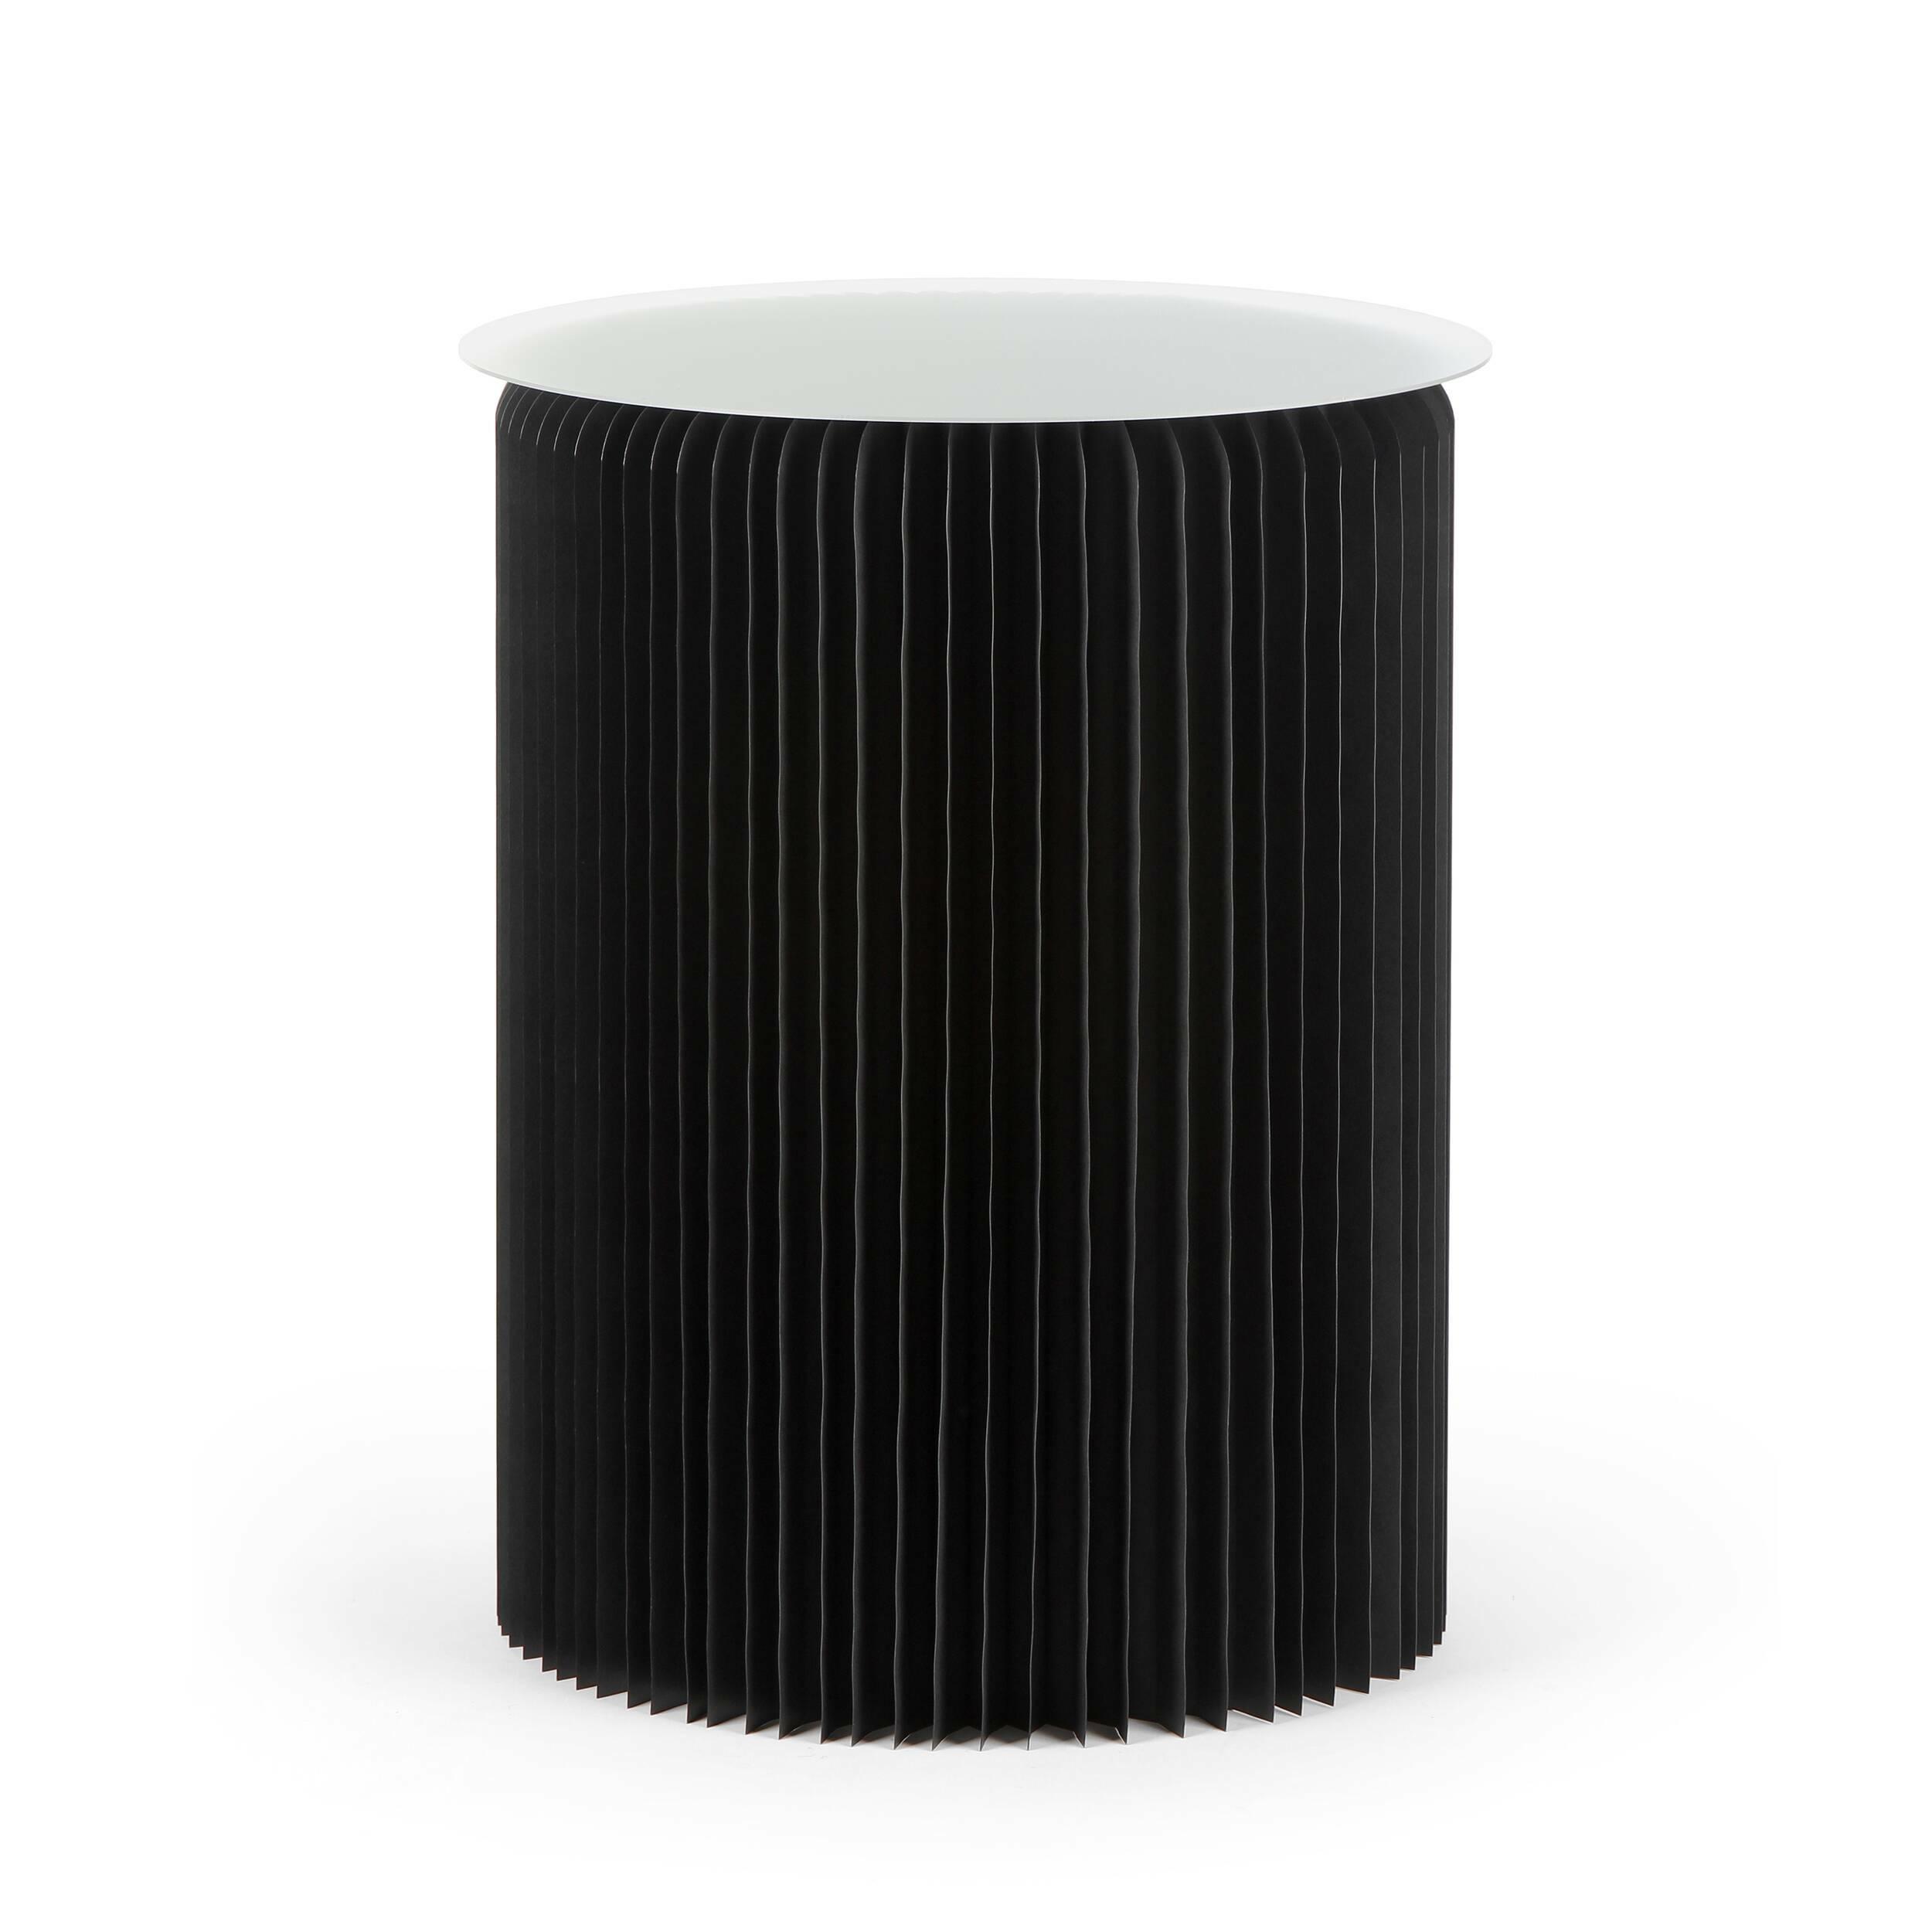 Стол бумажный высота 75 смКофейные столики<br>Если вы хотите преобразить домашний интерьер, привнести в него свежесть и оригинальные формы, то бумажная мебель может стать прекрасным решением для этих задач. Стол бумажный высота 75 см обладает высокой прочностью, а его необычный и очень красивый дизайн станет настоящим украшением всего интерьера.<br><br><br> Стол бумажный высота 75 см представляет собой цилиндр-гармошку из настоящей бумаги, которая спрессована особым образом и пропитана влагоотталкивающим веществом. Все это придает изделию...<br><br>stock: 7<br>Высота: 75<br>Диаметр: 56<br>Цвет столешницы: Прозрачный<br>Материал каркаса: Бумага<br>Тип материала столешницы: Акрил<br>Цвет каркаса: Черный